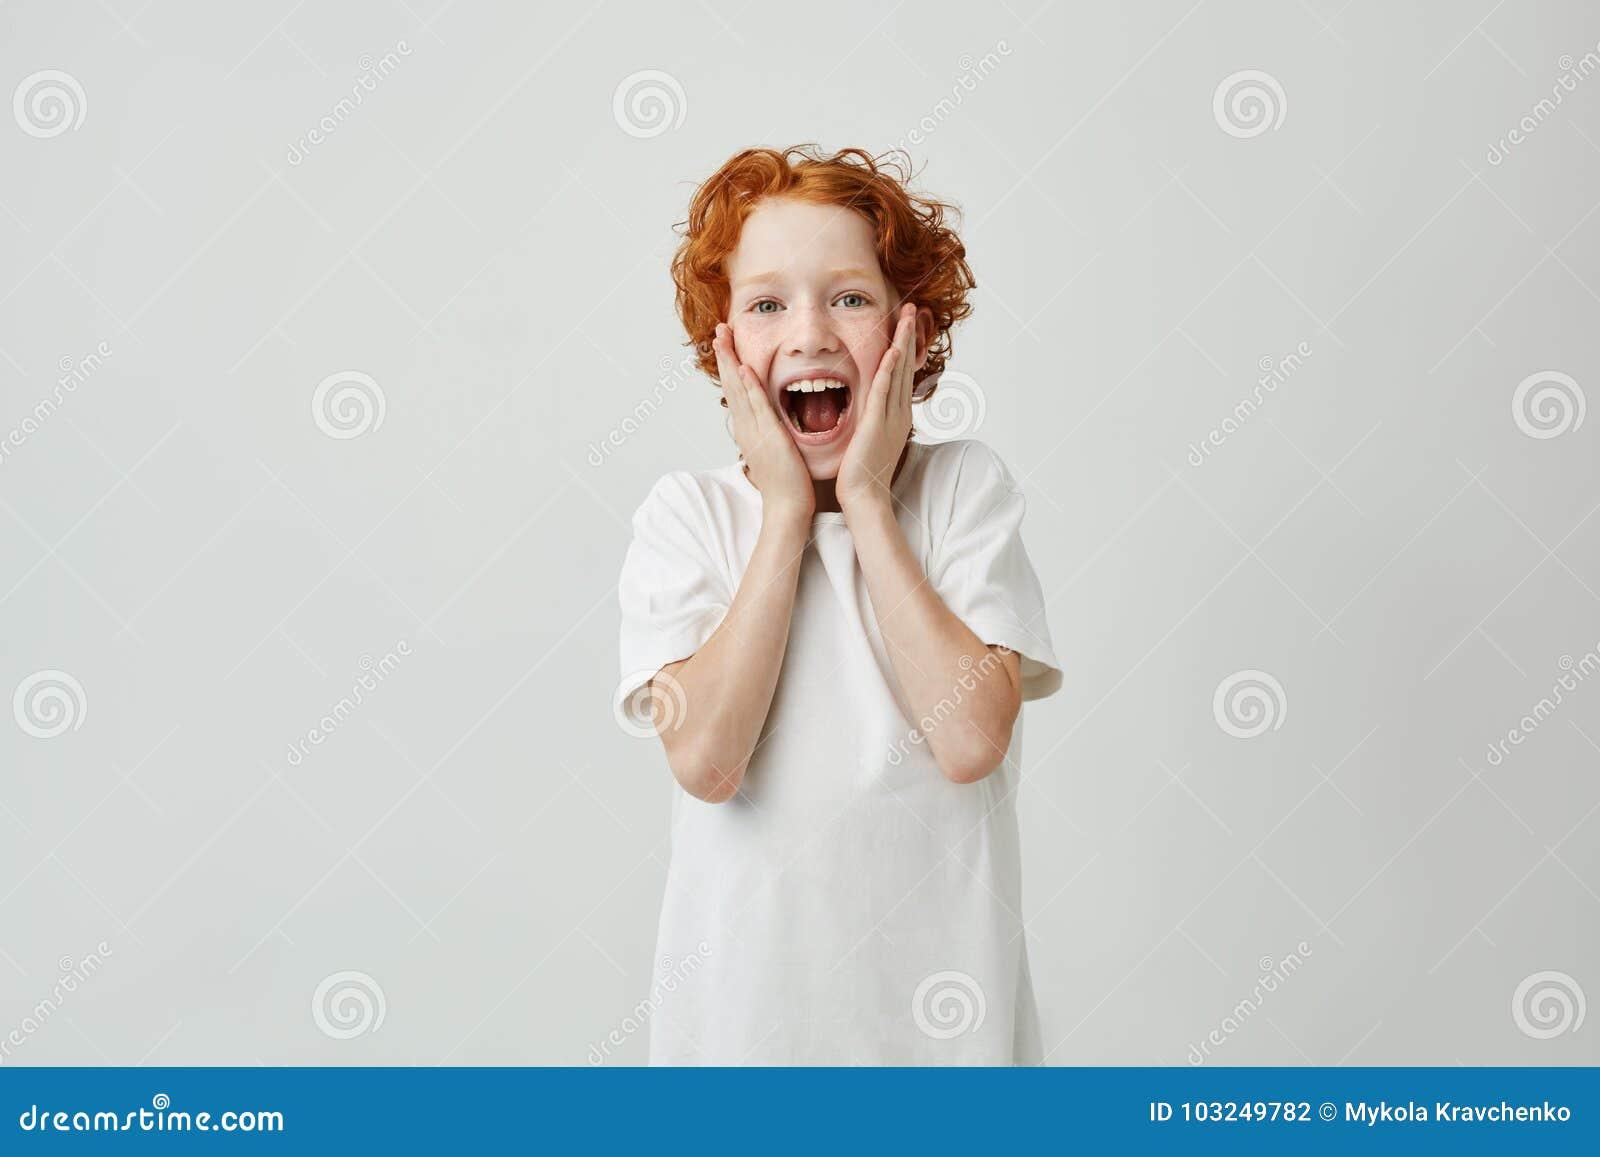 Portret van het leuke rode haired kind gillen met gelukkige uitdrukking toen de vader hem weinig puppy als Kerstmis gaf